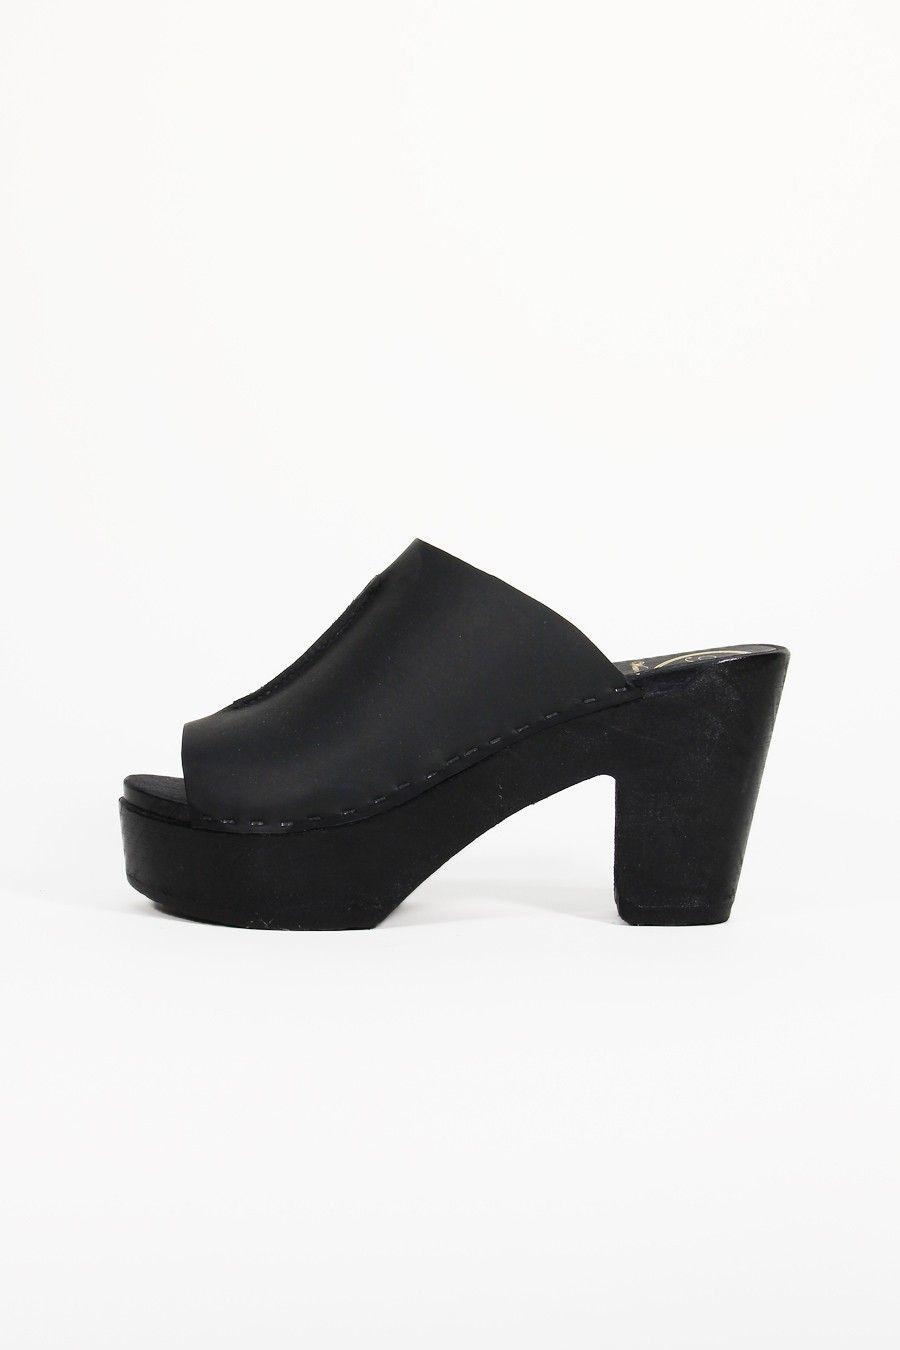 Open Toe Platform Clog in Black on Black Base